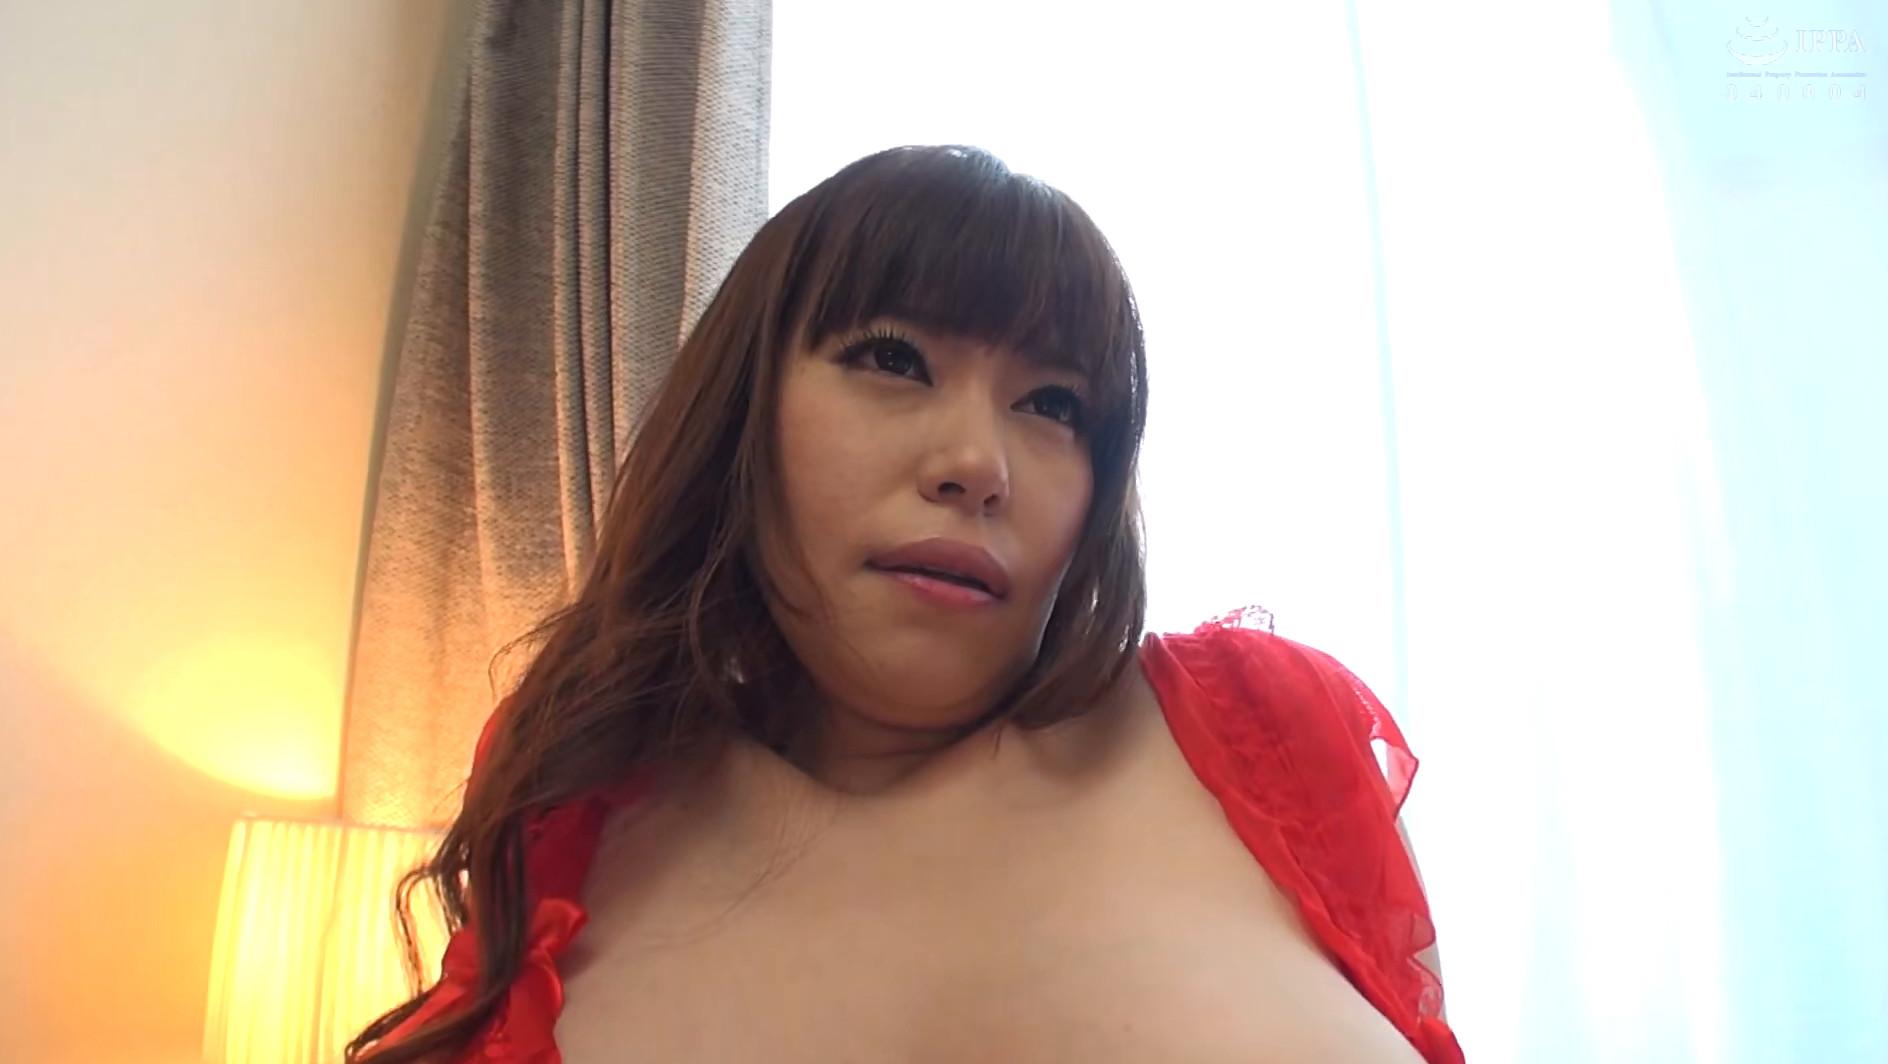 尾崎翠【アナルまでスケベな変態熟女】 画像6